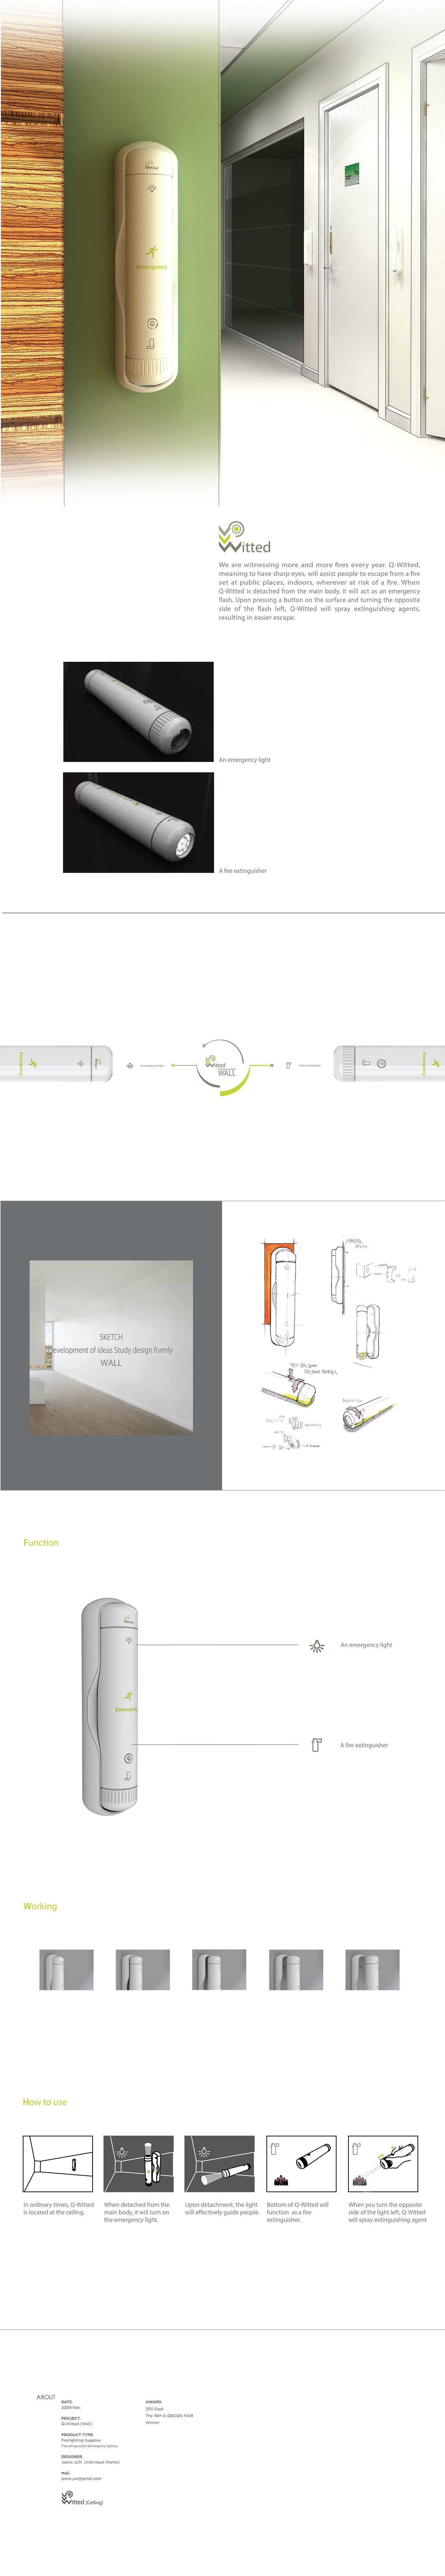 """내 @Behance 프로젝트 살펴보기: """"Q-Witted_Wall Fire extinguisher [2009]"""" https://www.behance.net/gallery/45877851/Q-Witted_WallFire-extinguisher-2009"""